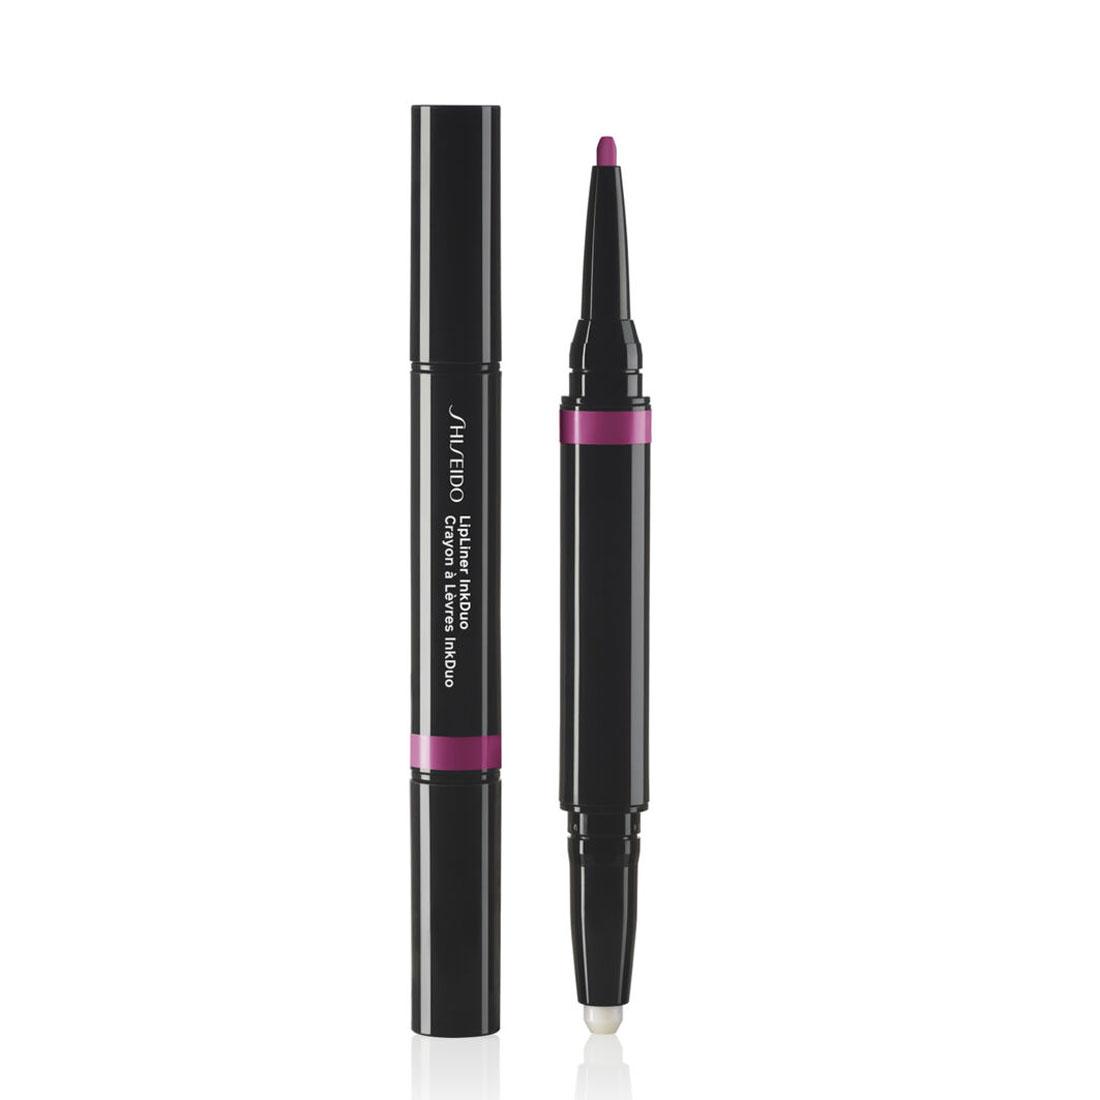 Shiseido LipLiner Ink Duo n. 10 violet